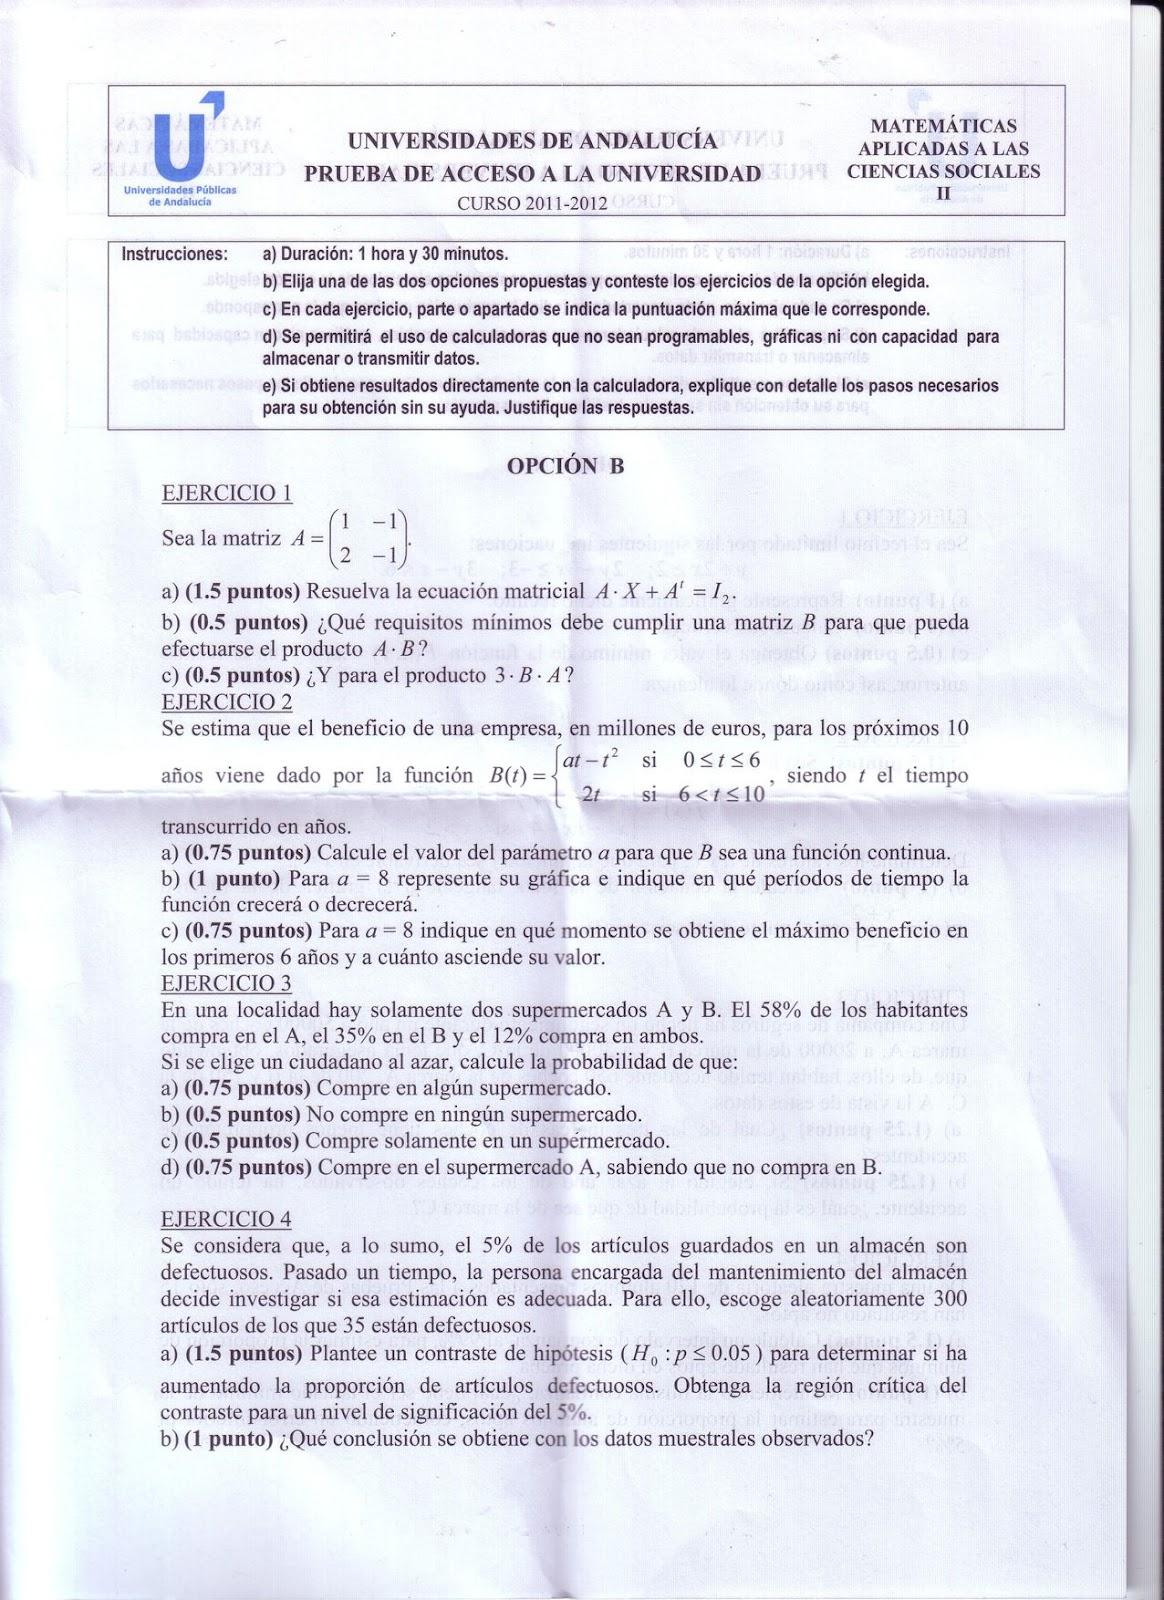 Clases Online De Matematicas Fisica Y Quimica Examen Resuelto Corregido Selectividad Matematicas Aplicadas A Las Ciencias Sociales Andalucia Junio Curso 2011 2012